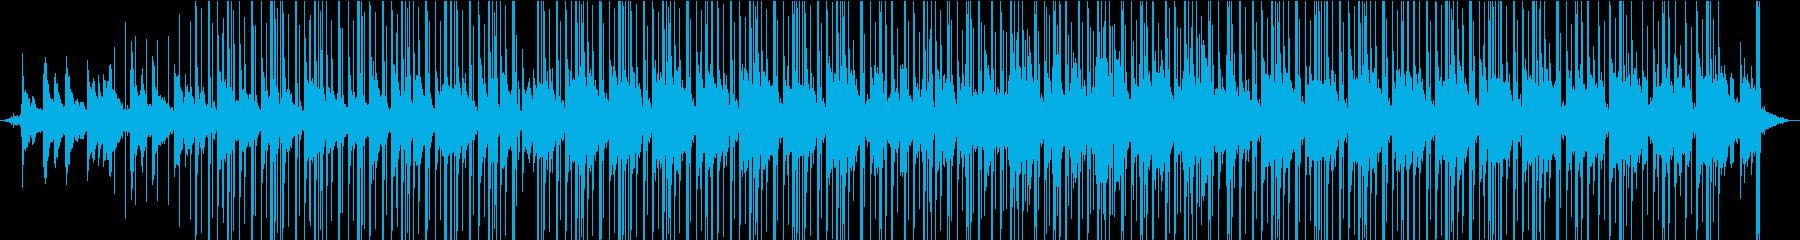 雨の日に合うLOFIなチルアウトインストの再生済みの波形